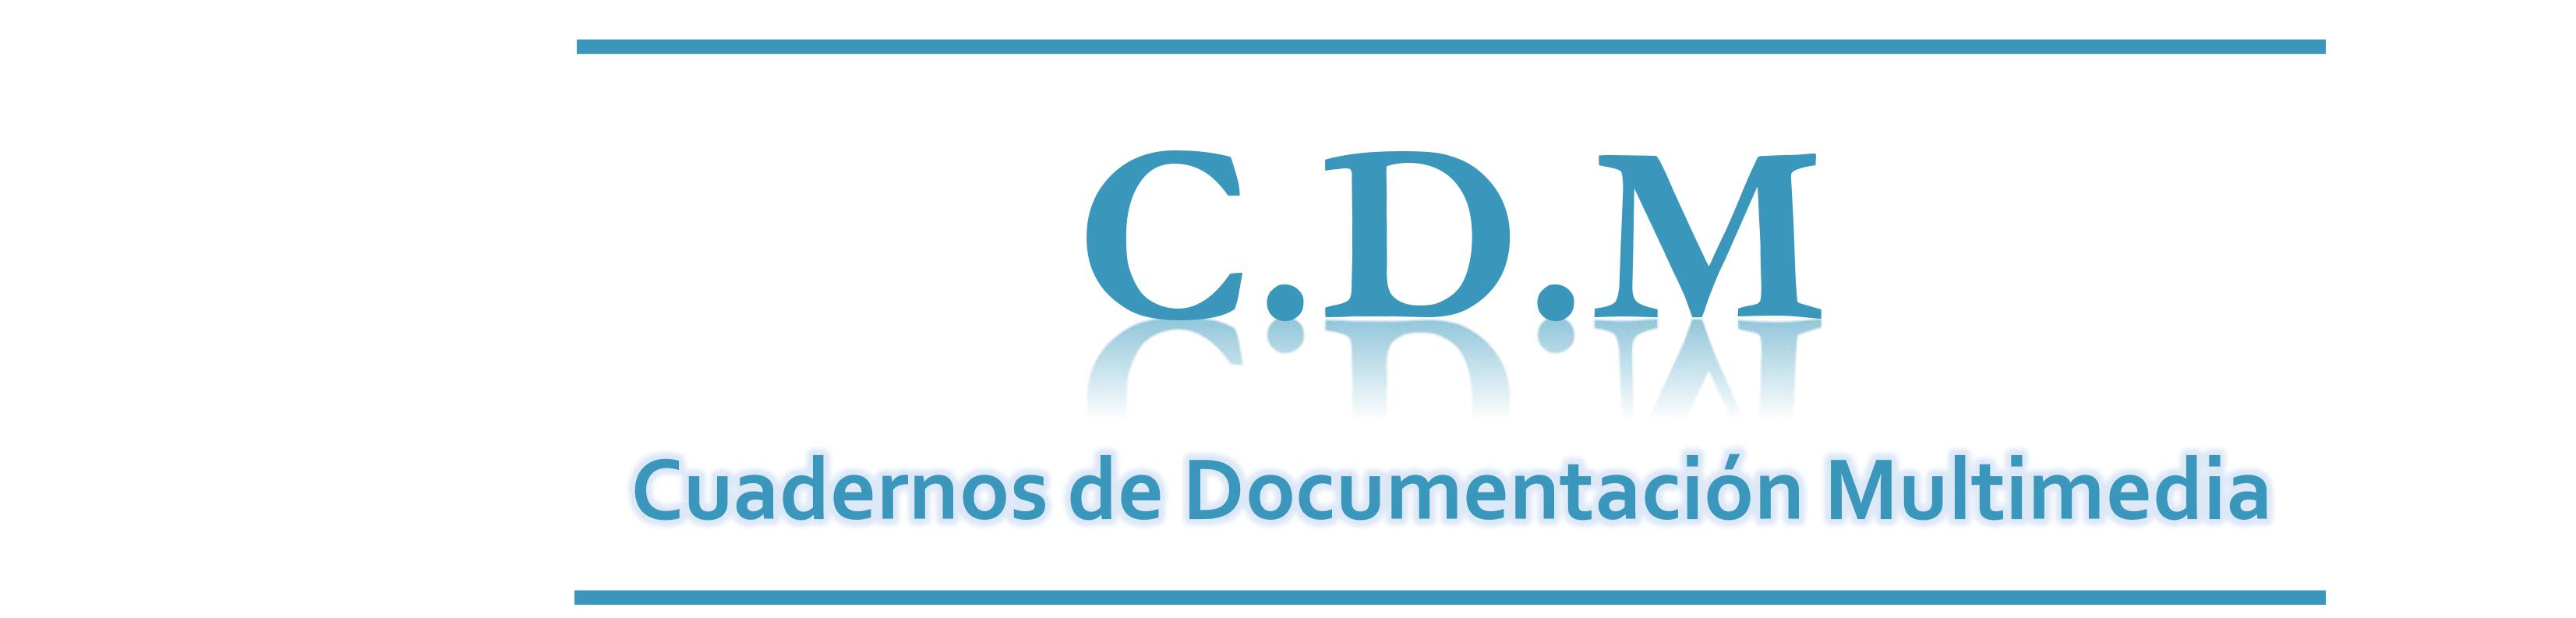 Portada de Cuadernos de Documentación Multimedia